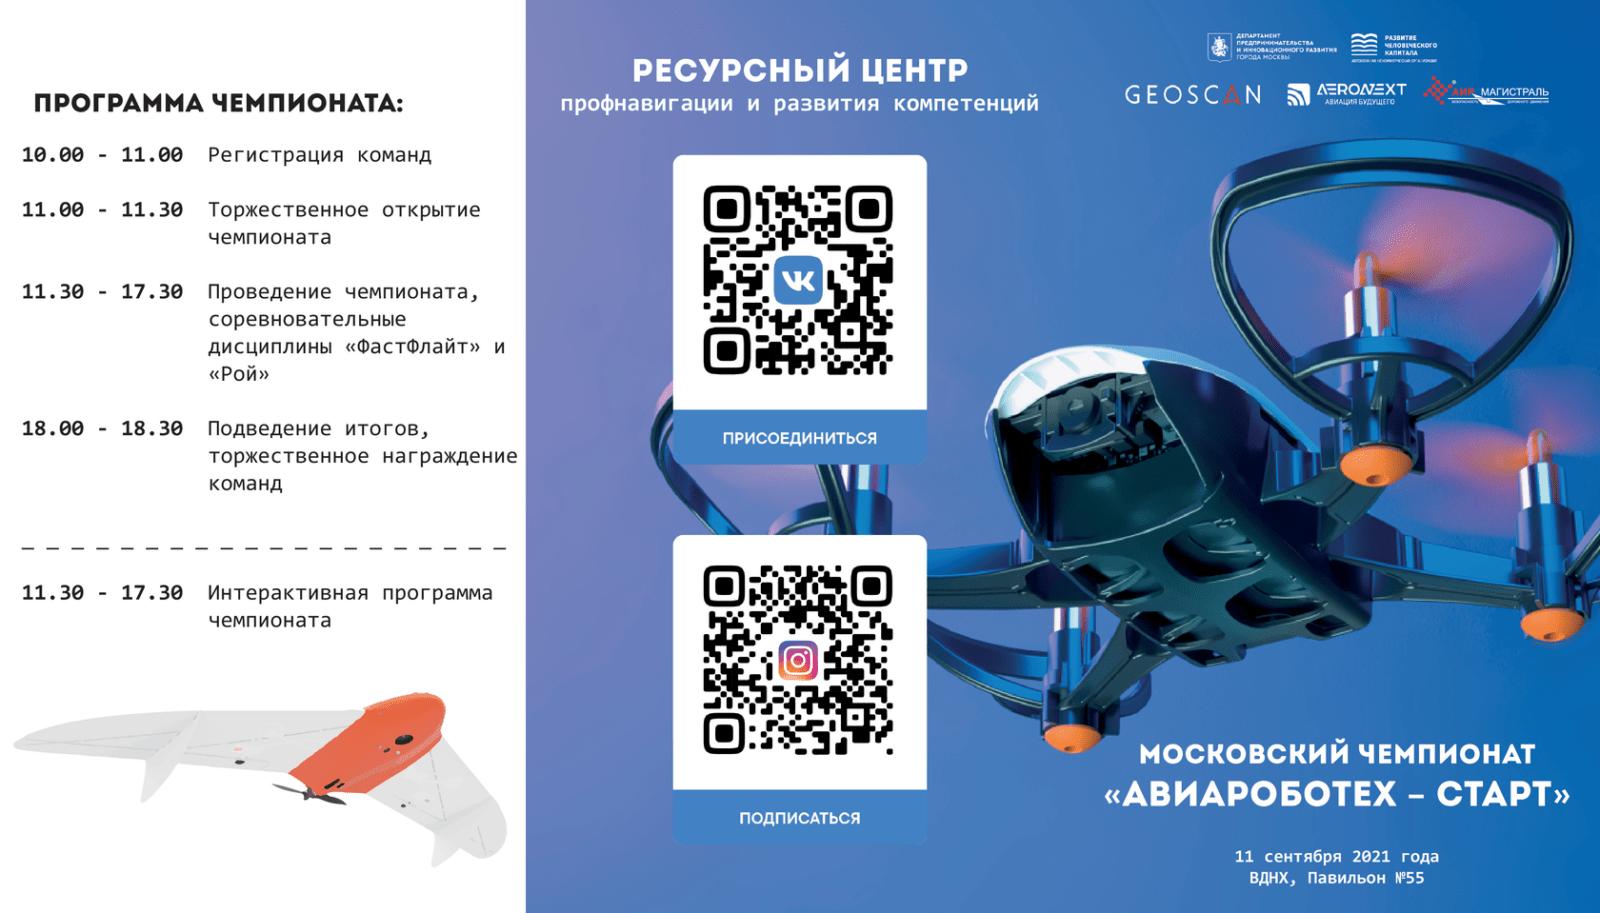 В Москве в день города на ВДНХ пройдут юношеские соревнования по беспилотной авиации (001)